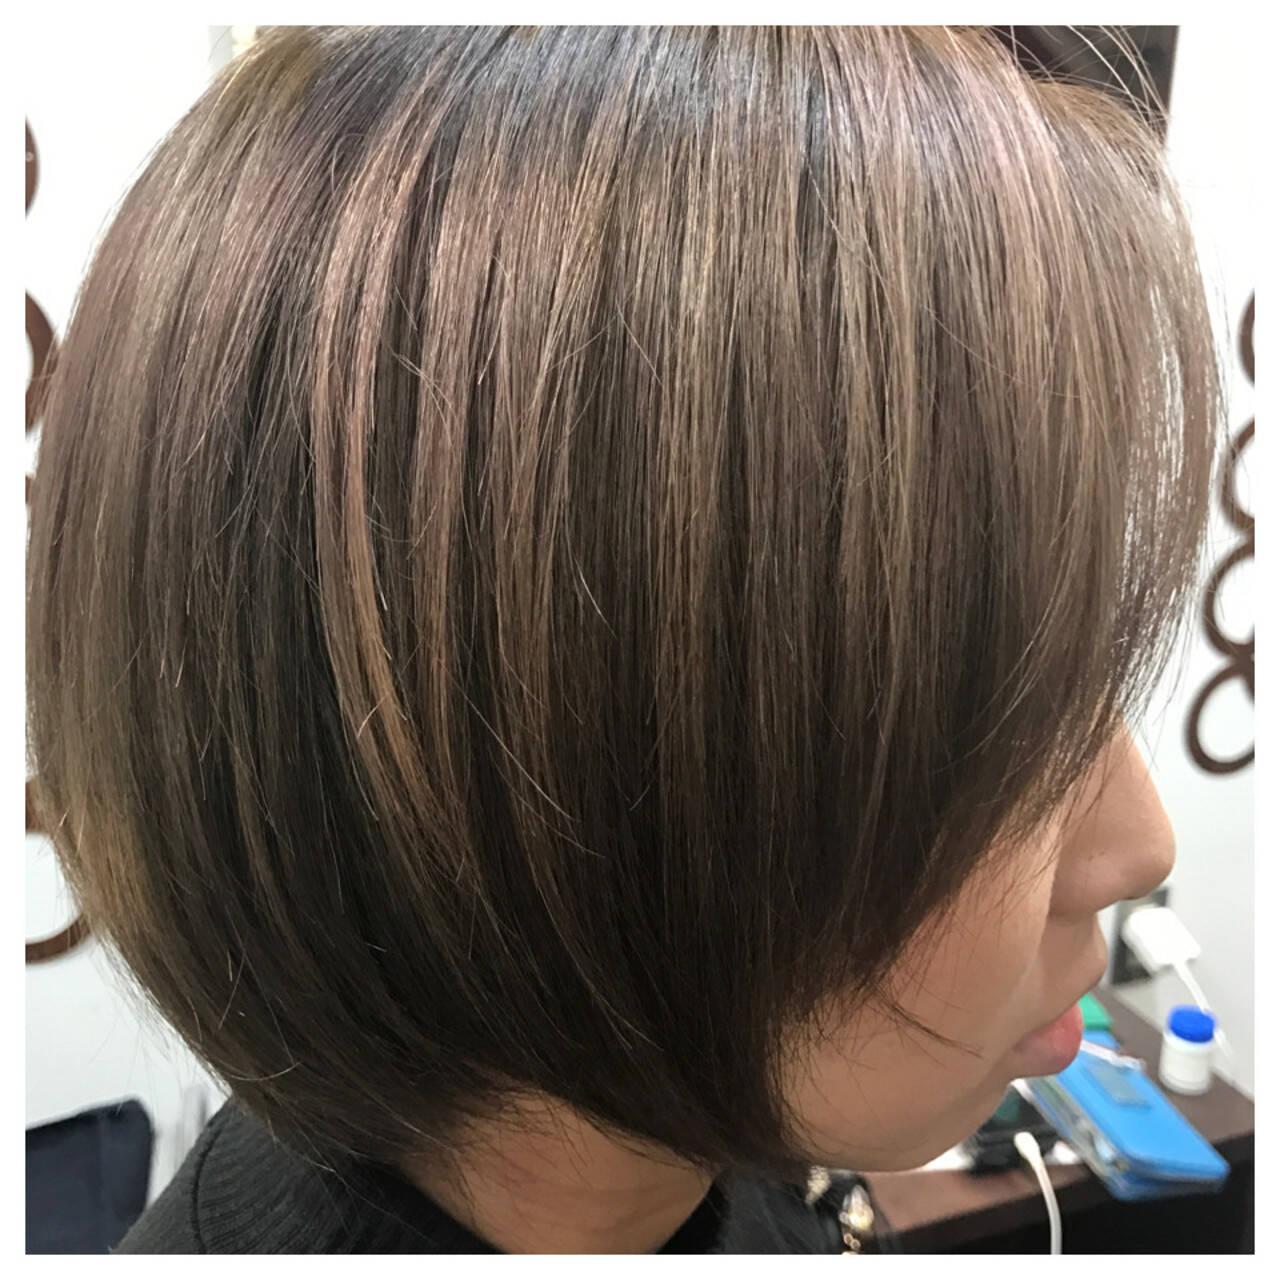 オーガニックアッシュ モード スモーキーアッシュ アッシュヘアスタイルや髪型の写真・画像